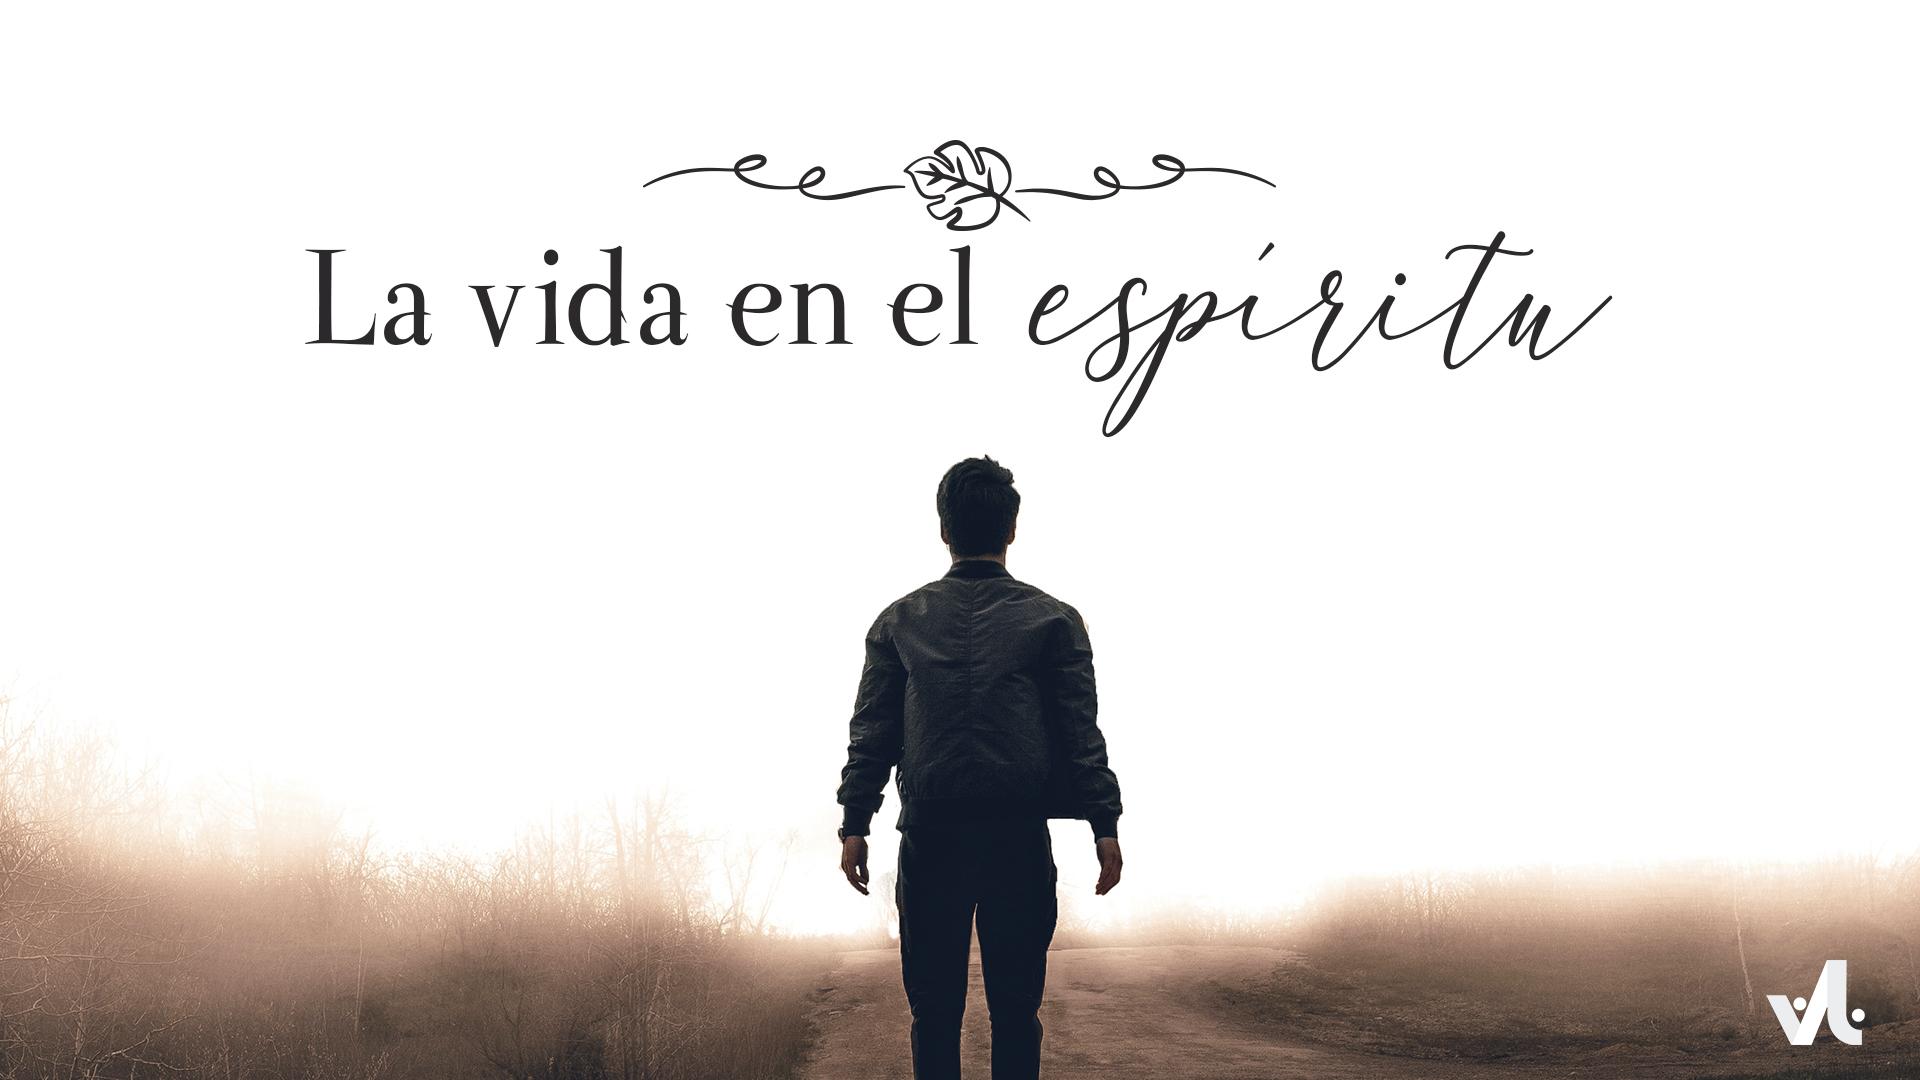 La Vida en el Espíritu